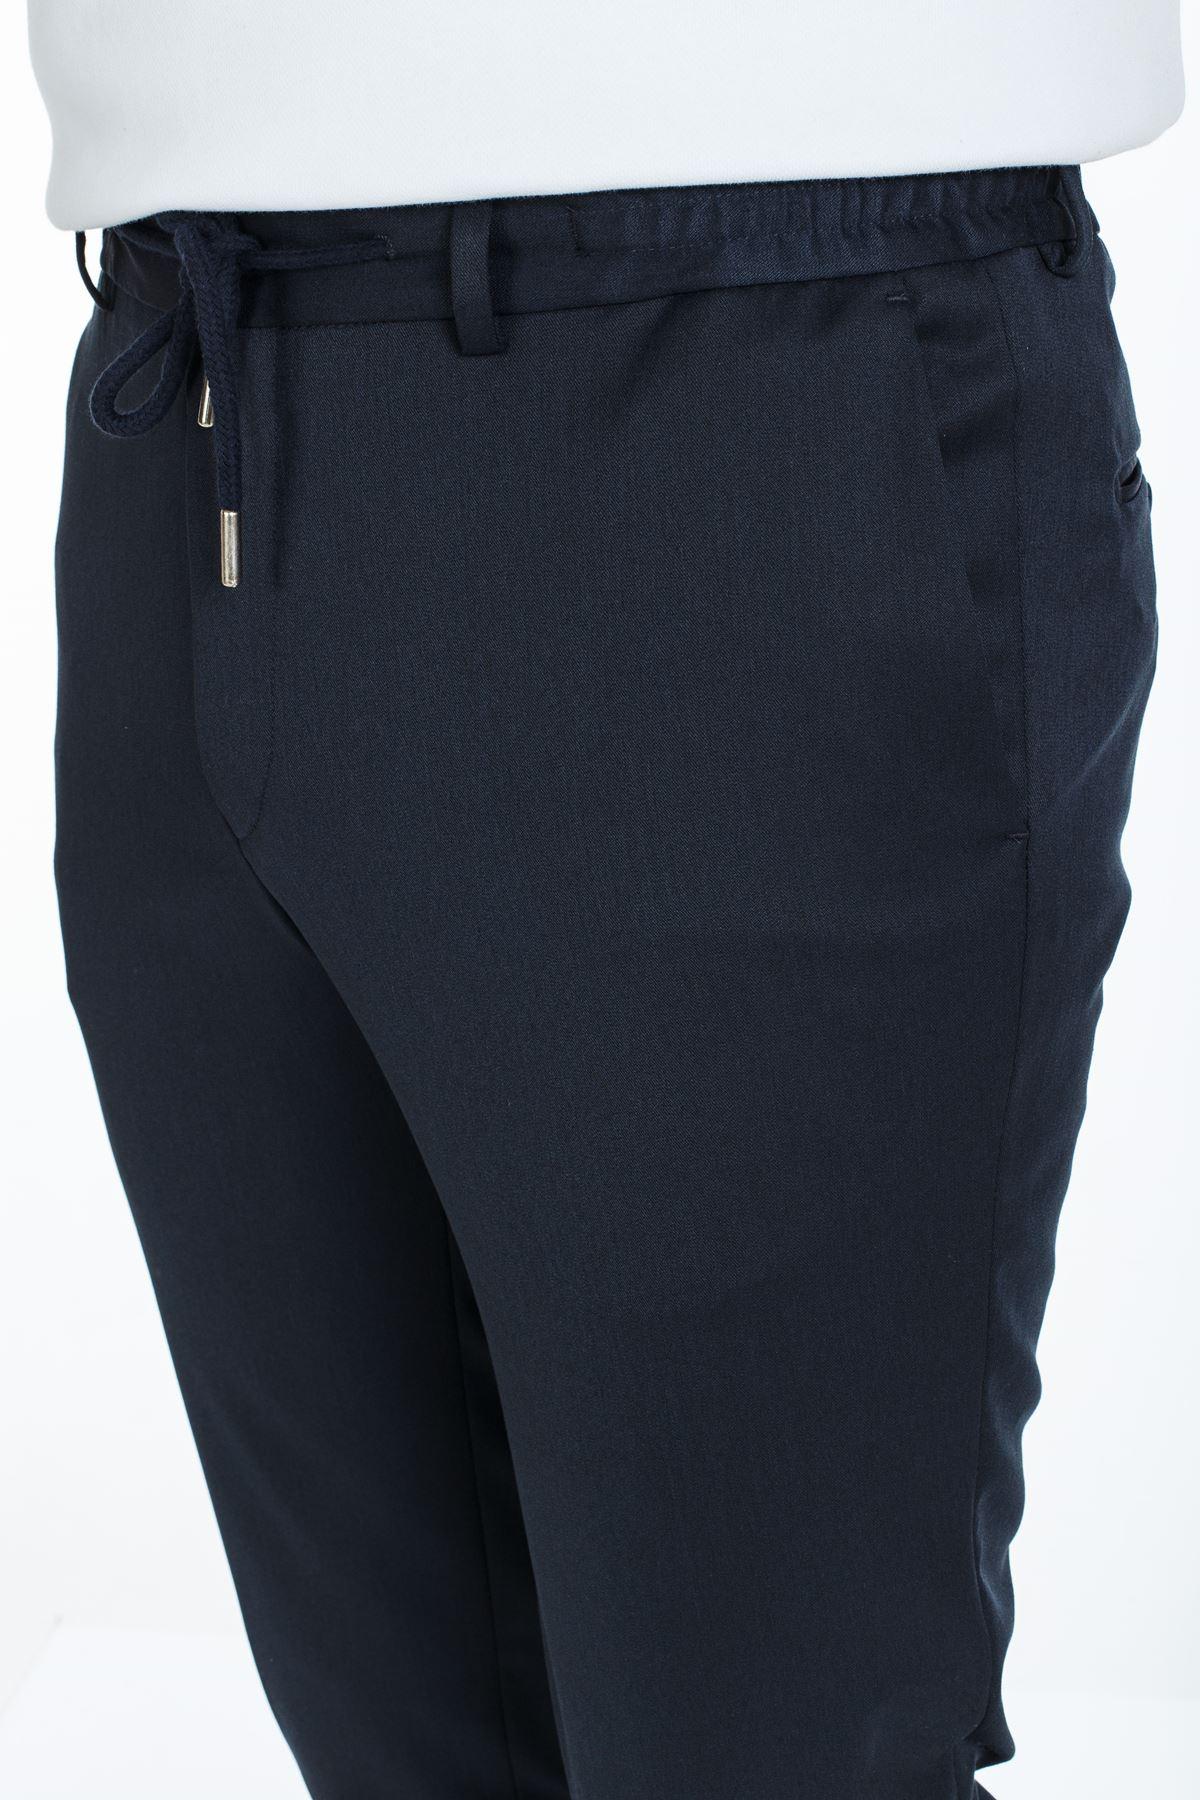 Lacivert  Süper Slim Kalıp Beli Lastikli Jogger Pantolon